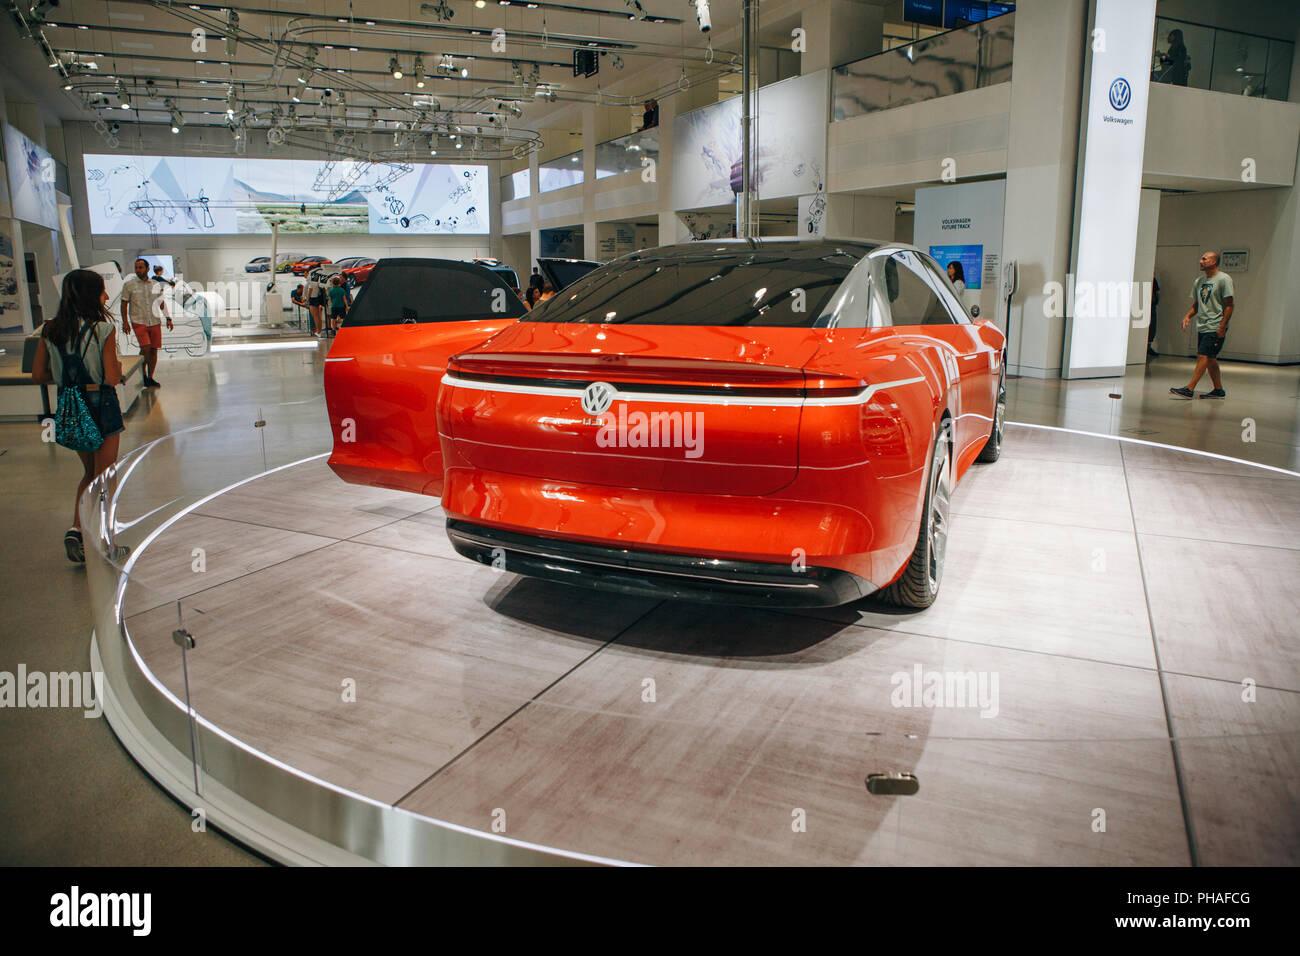 Berlin August 29 2018 The New Volkswagen I D Vizzion Concept